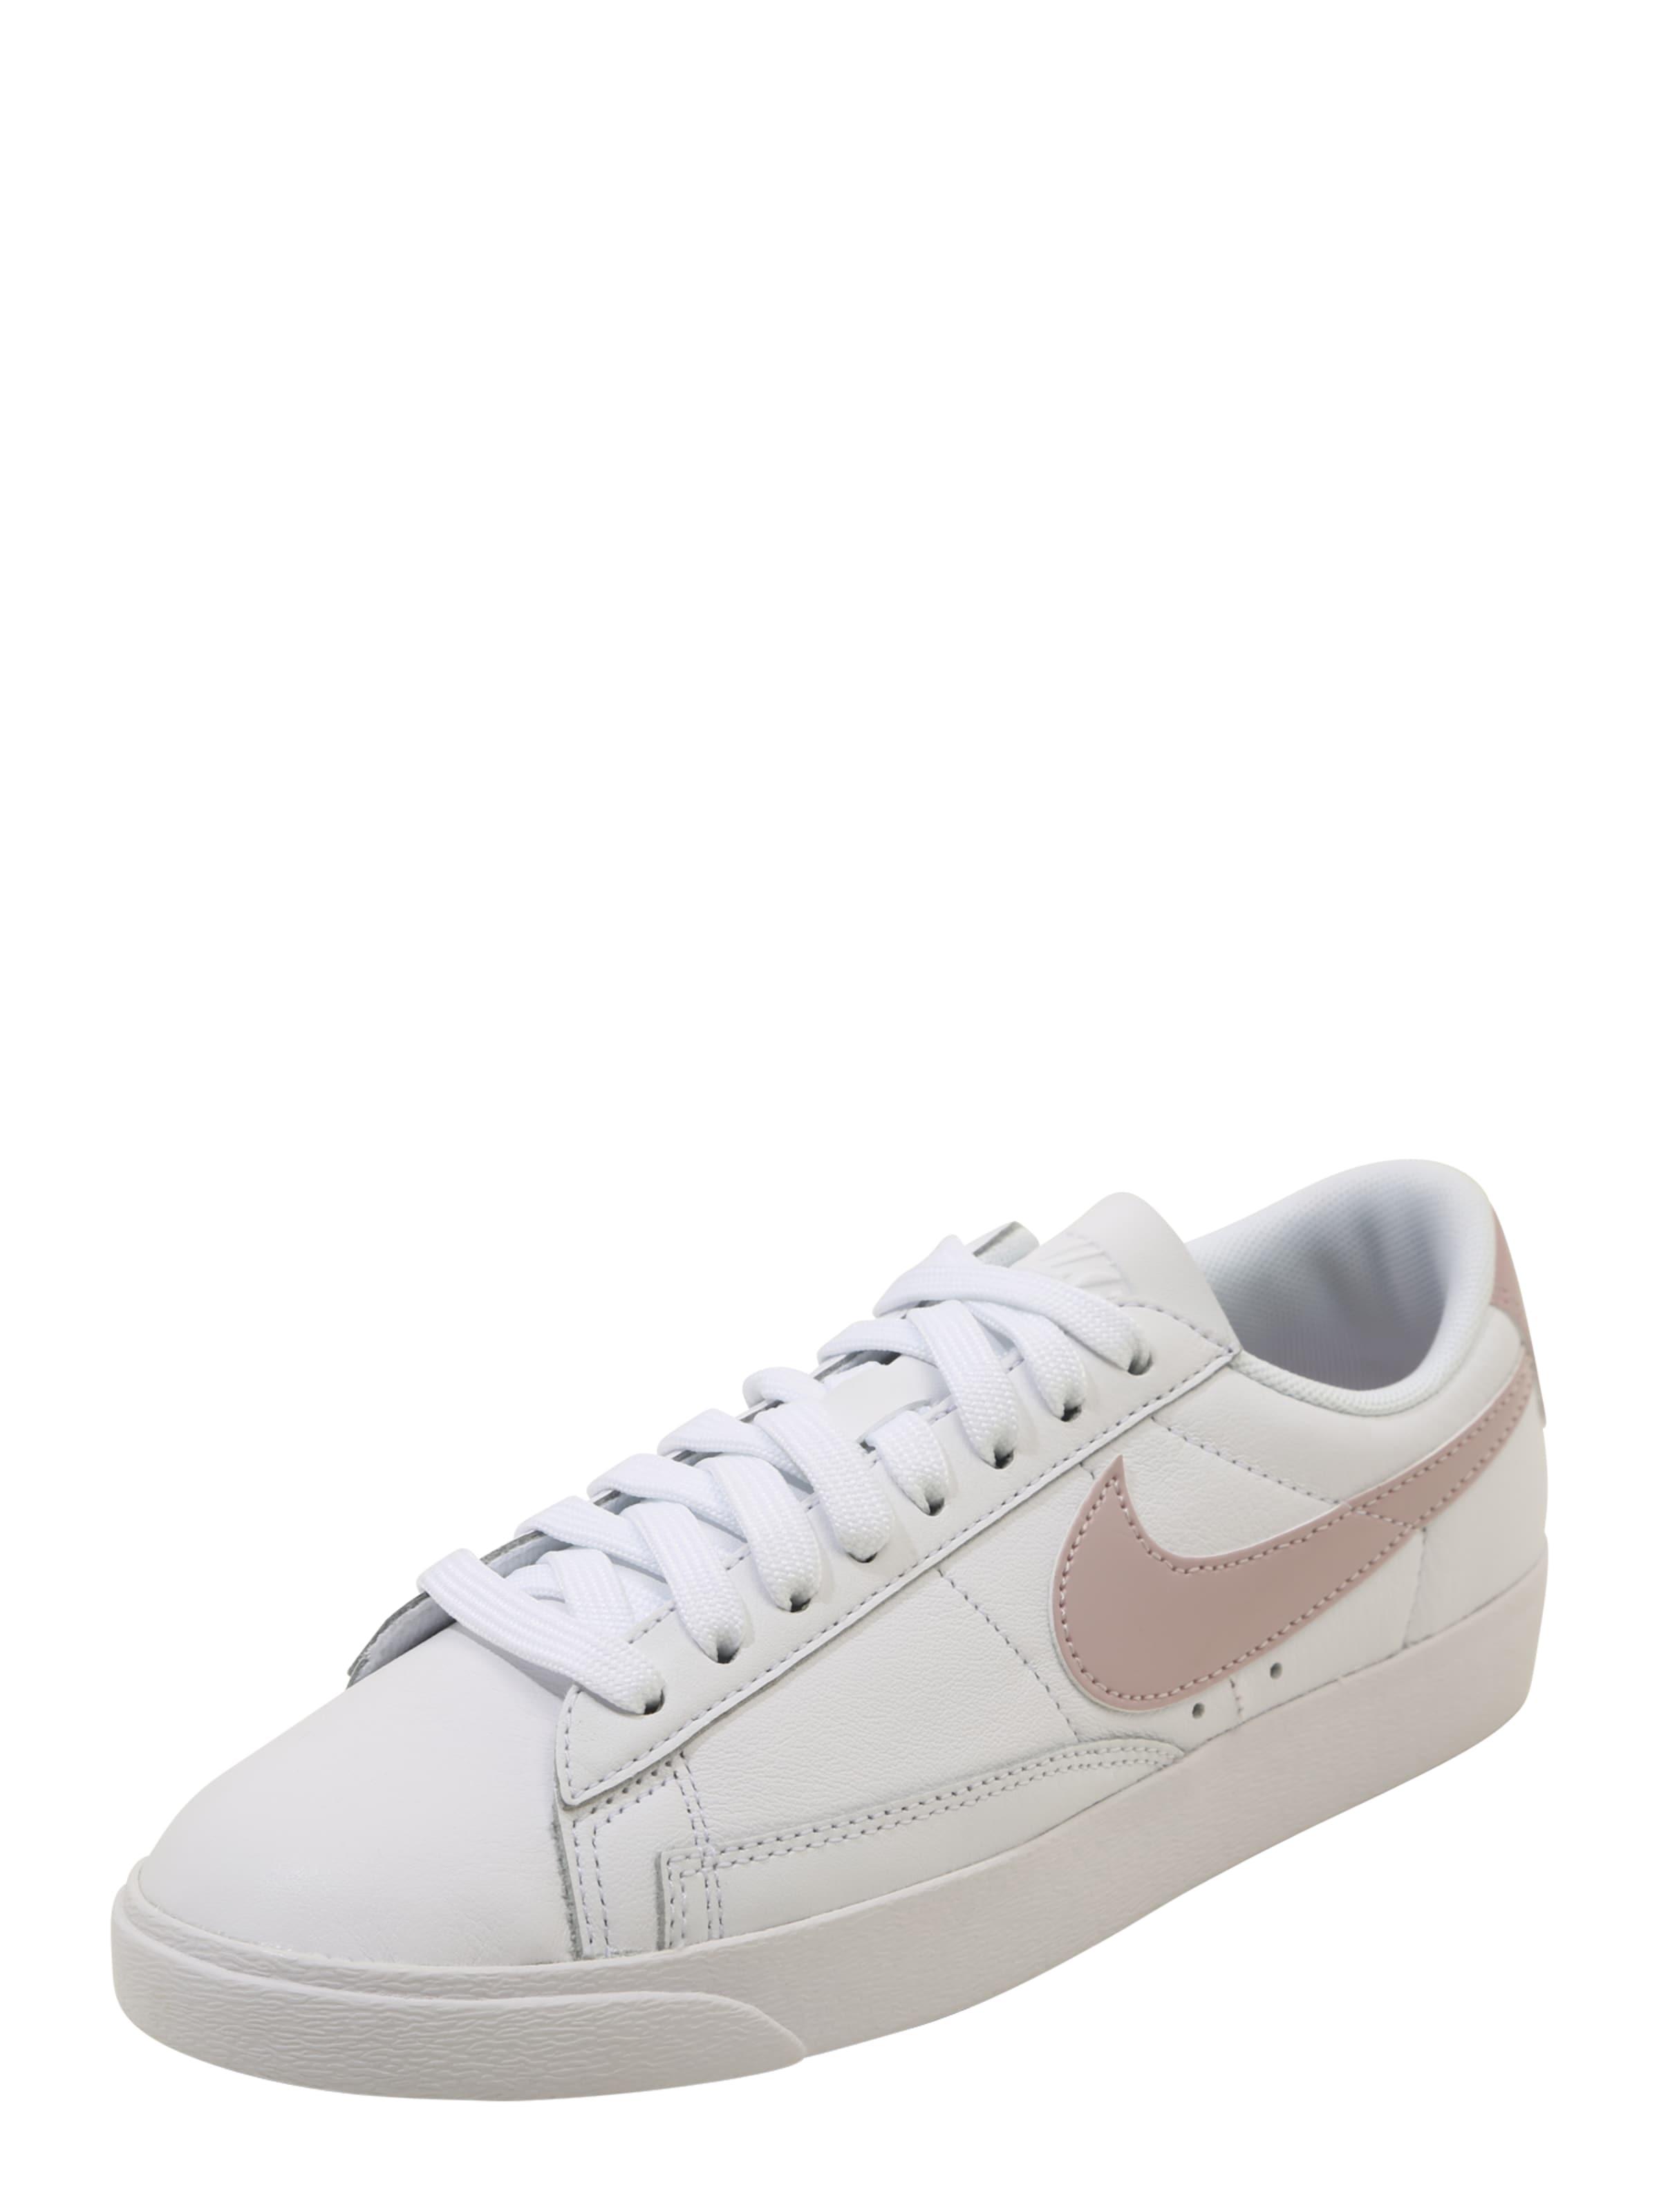 Nike Sneakers Blazer Couche De Vêtements De Sport Bas Le « Rose / Blanc En Poudre RSmxtwC42K